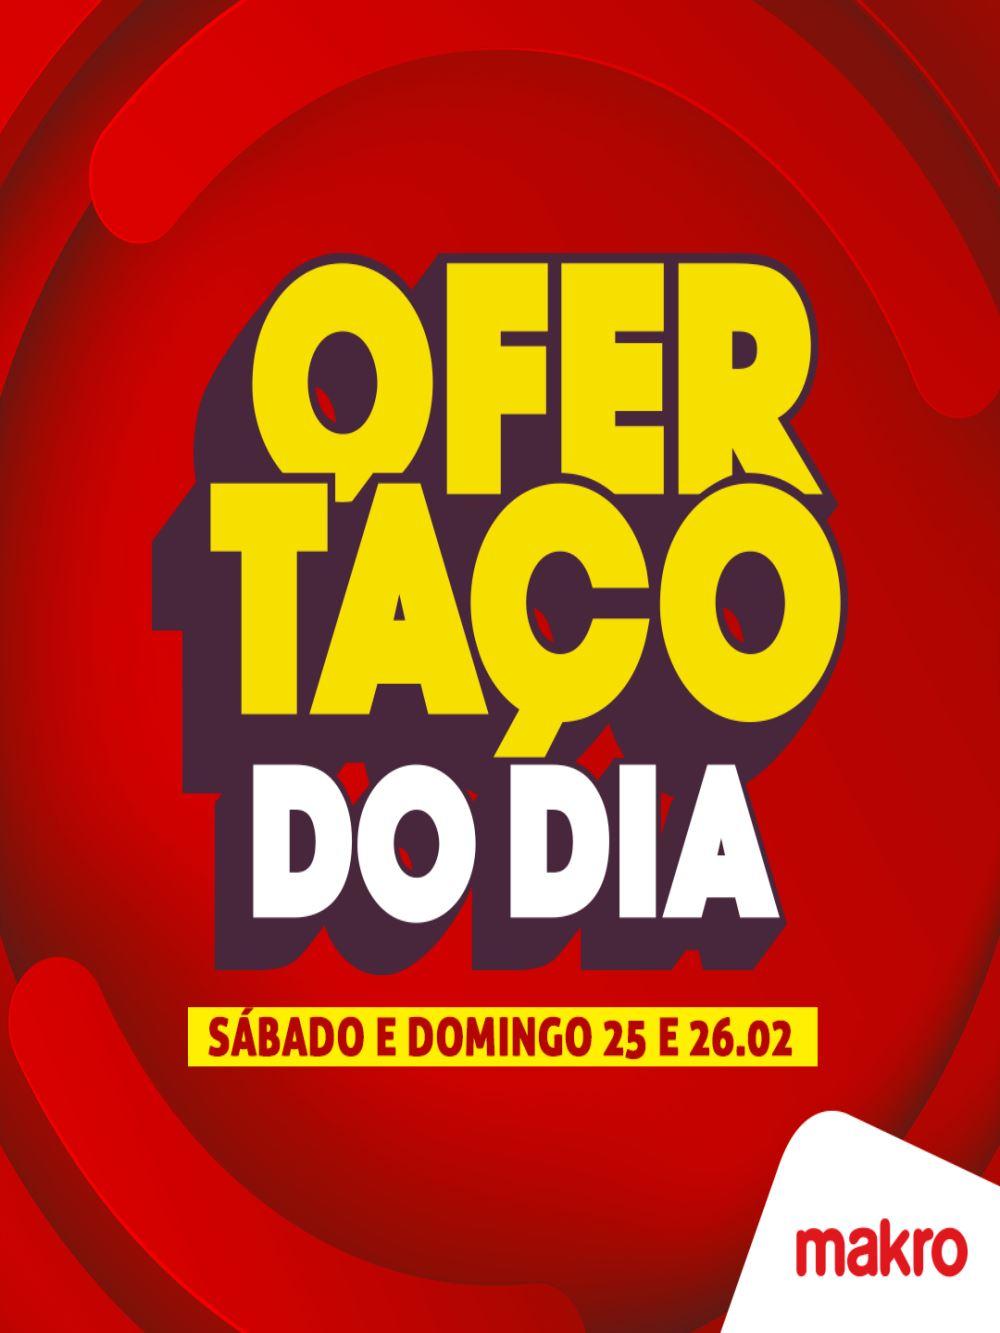 makro-ofertas-descontos-hoje1-18 Ofertas de supermercados